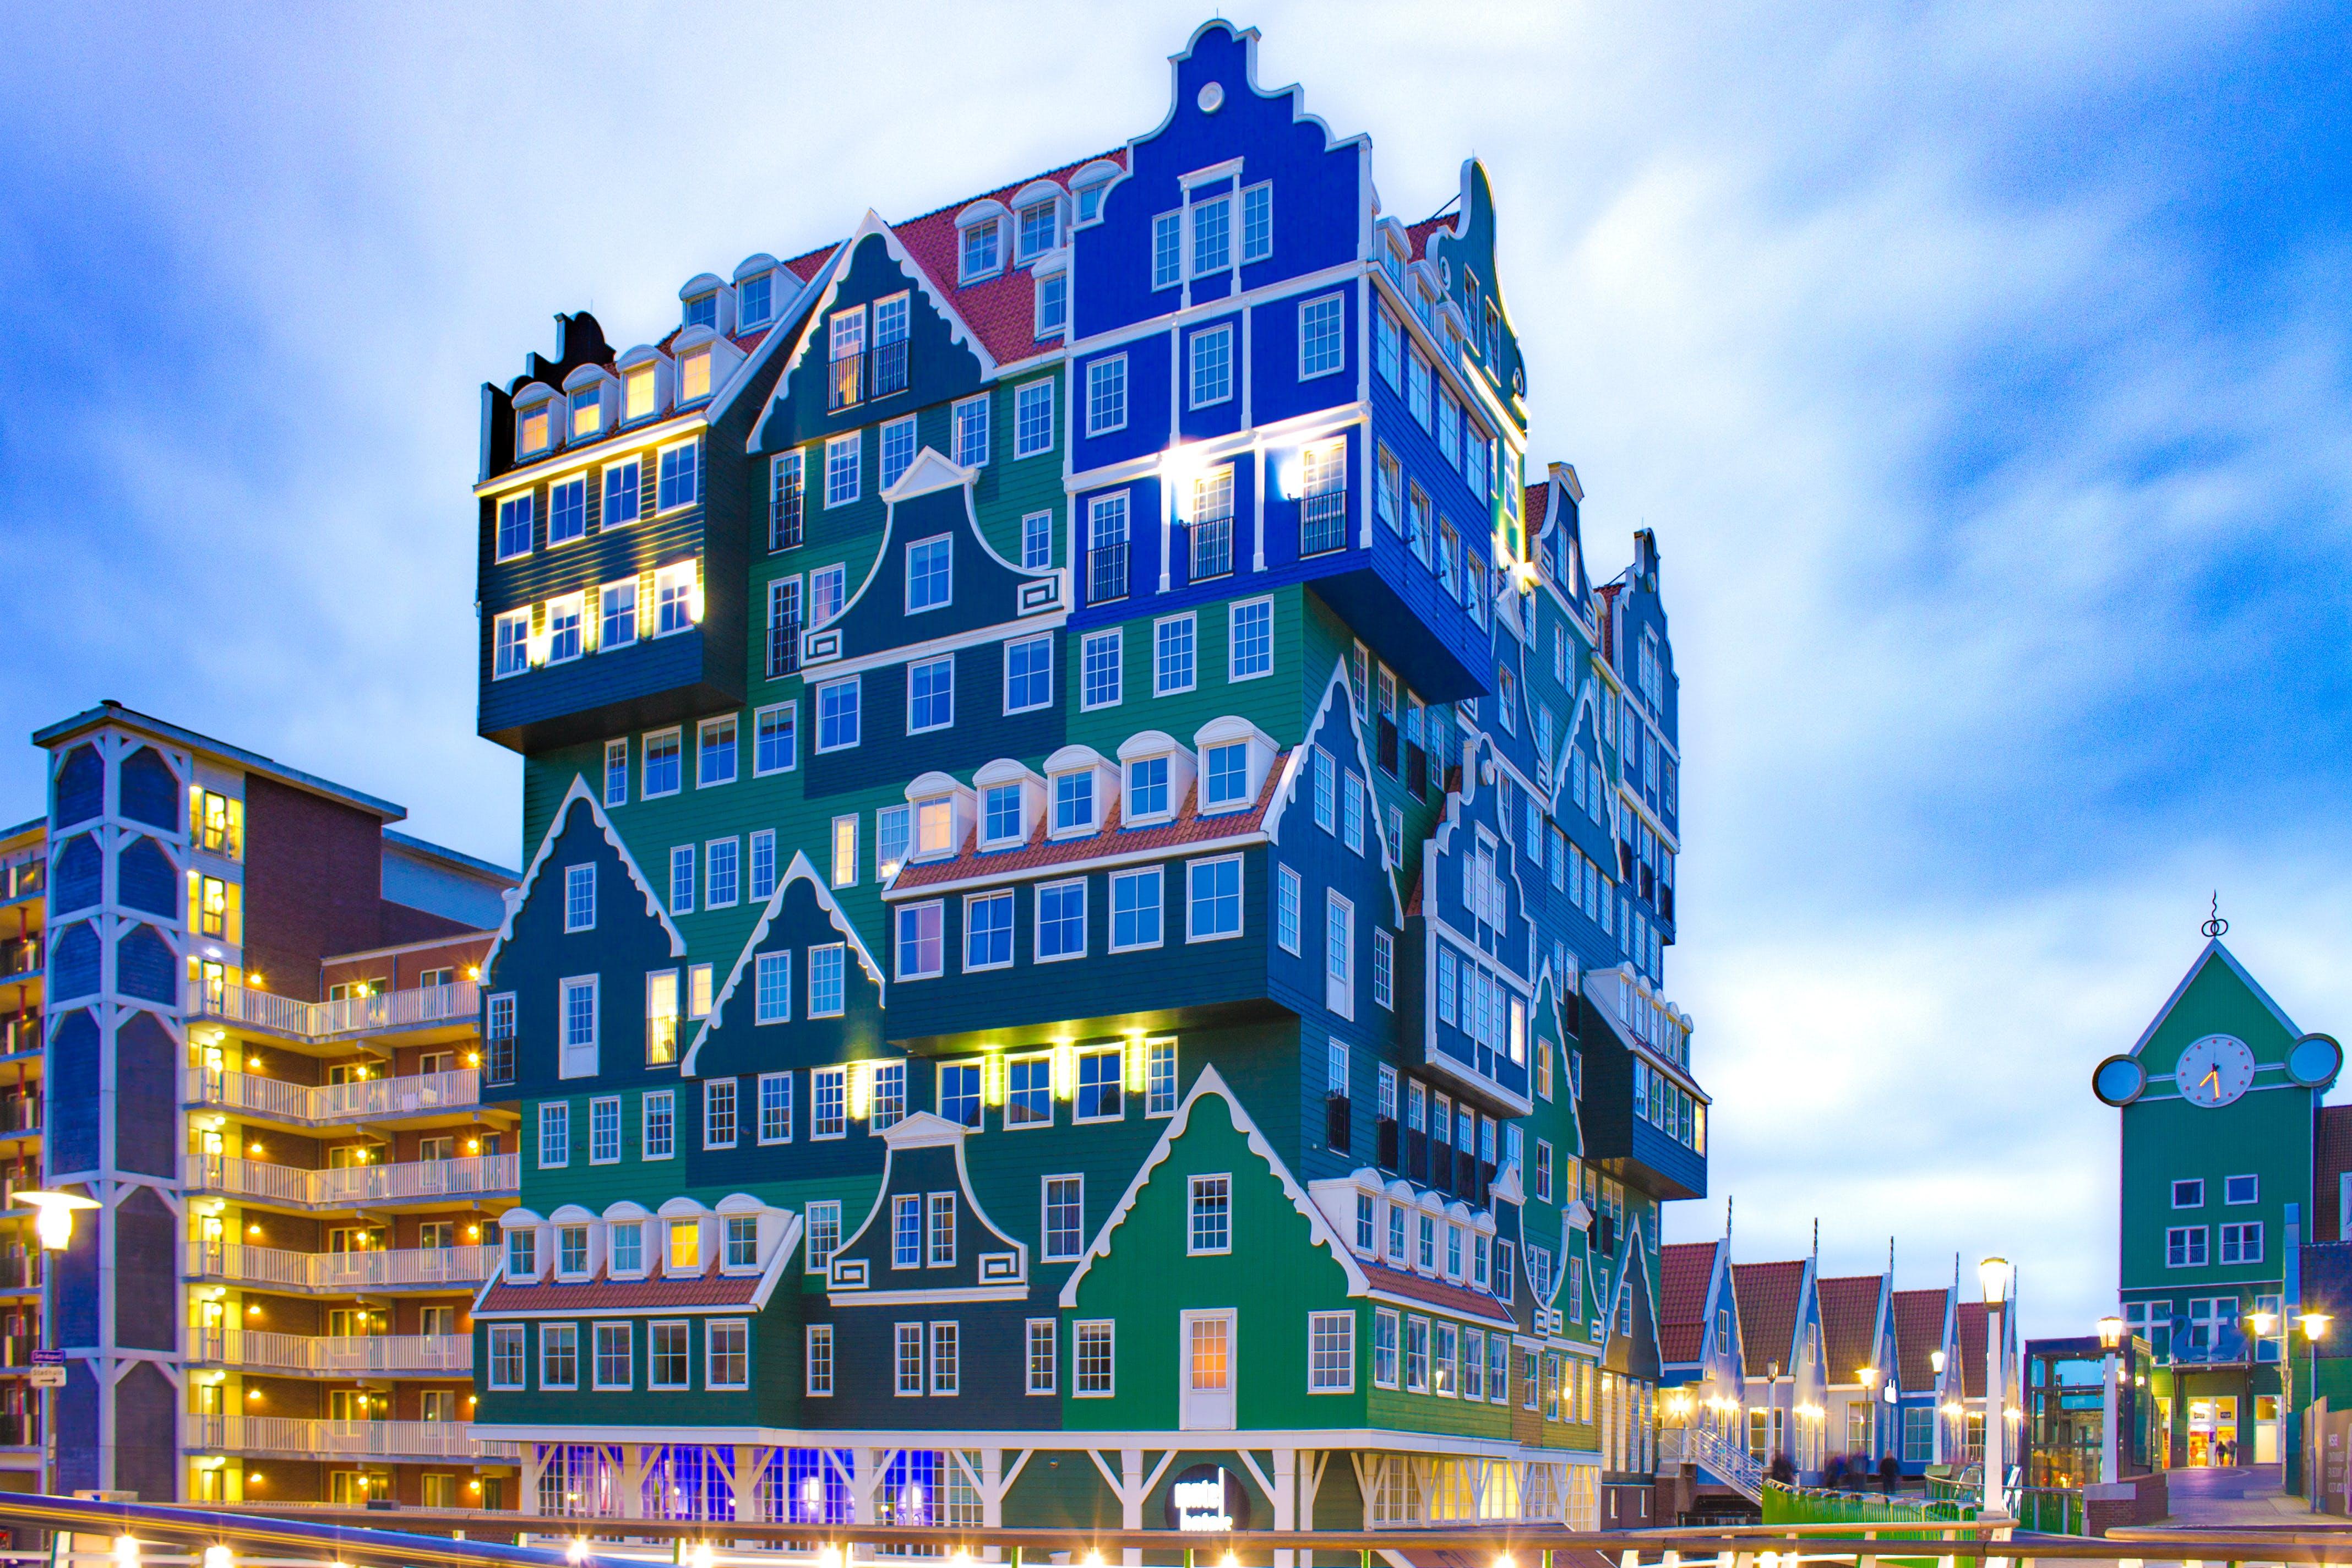 amsterdam, architectural design, architecture